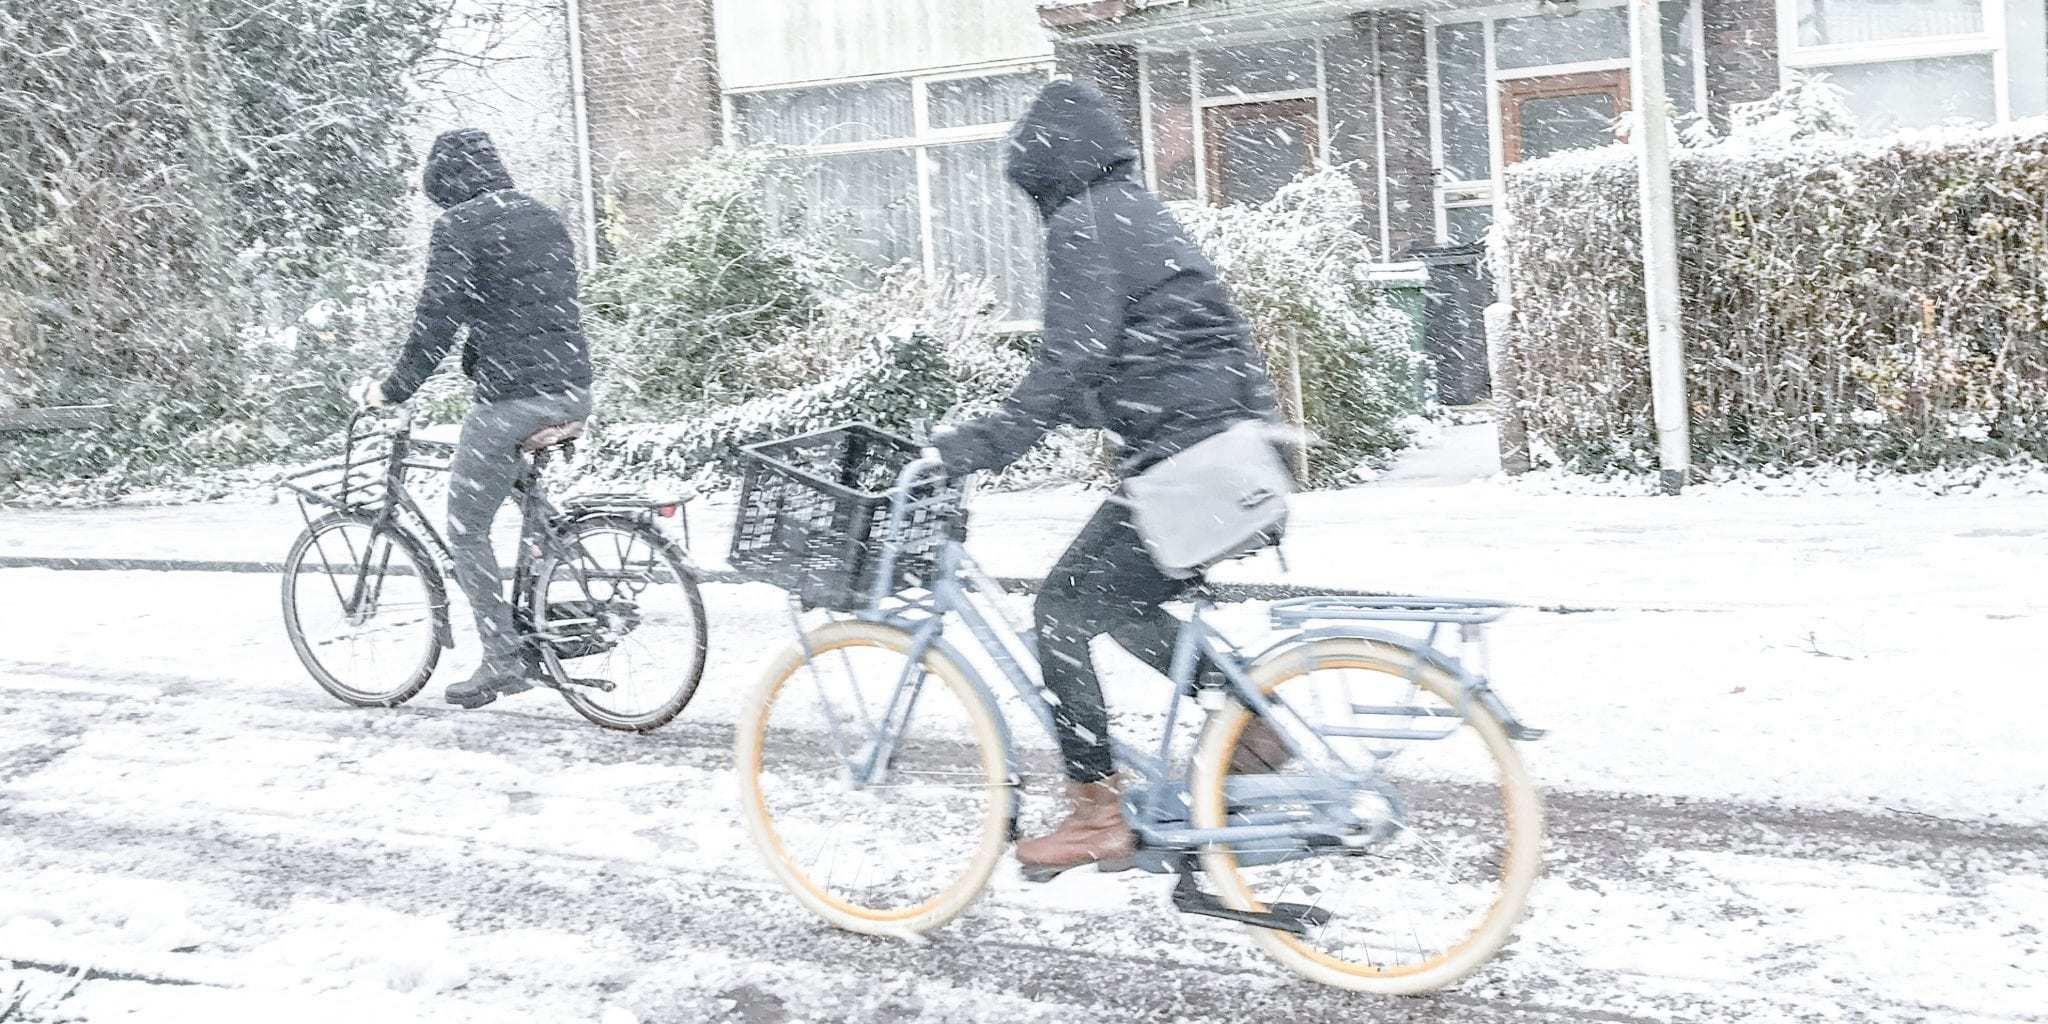 Fietsen in de sneeuw doet u zó! Tips waarmee u fietsongeluk voorkomt.